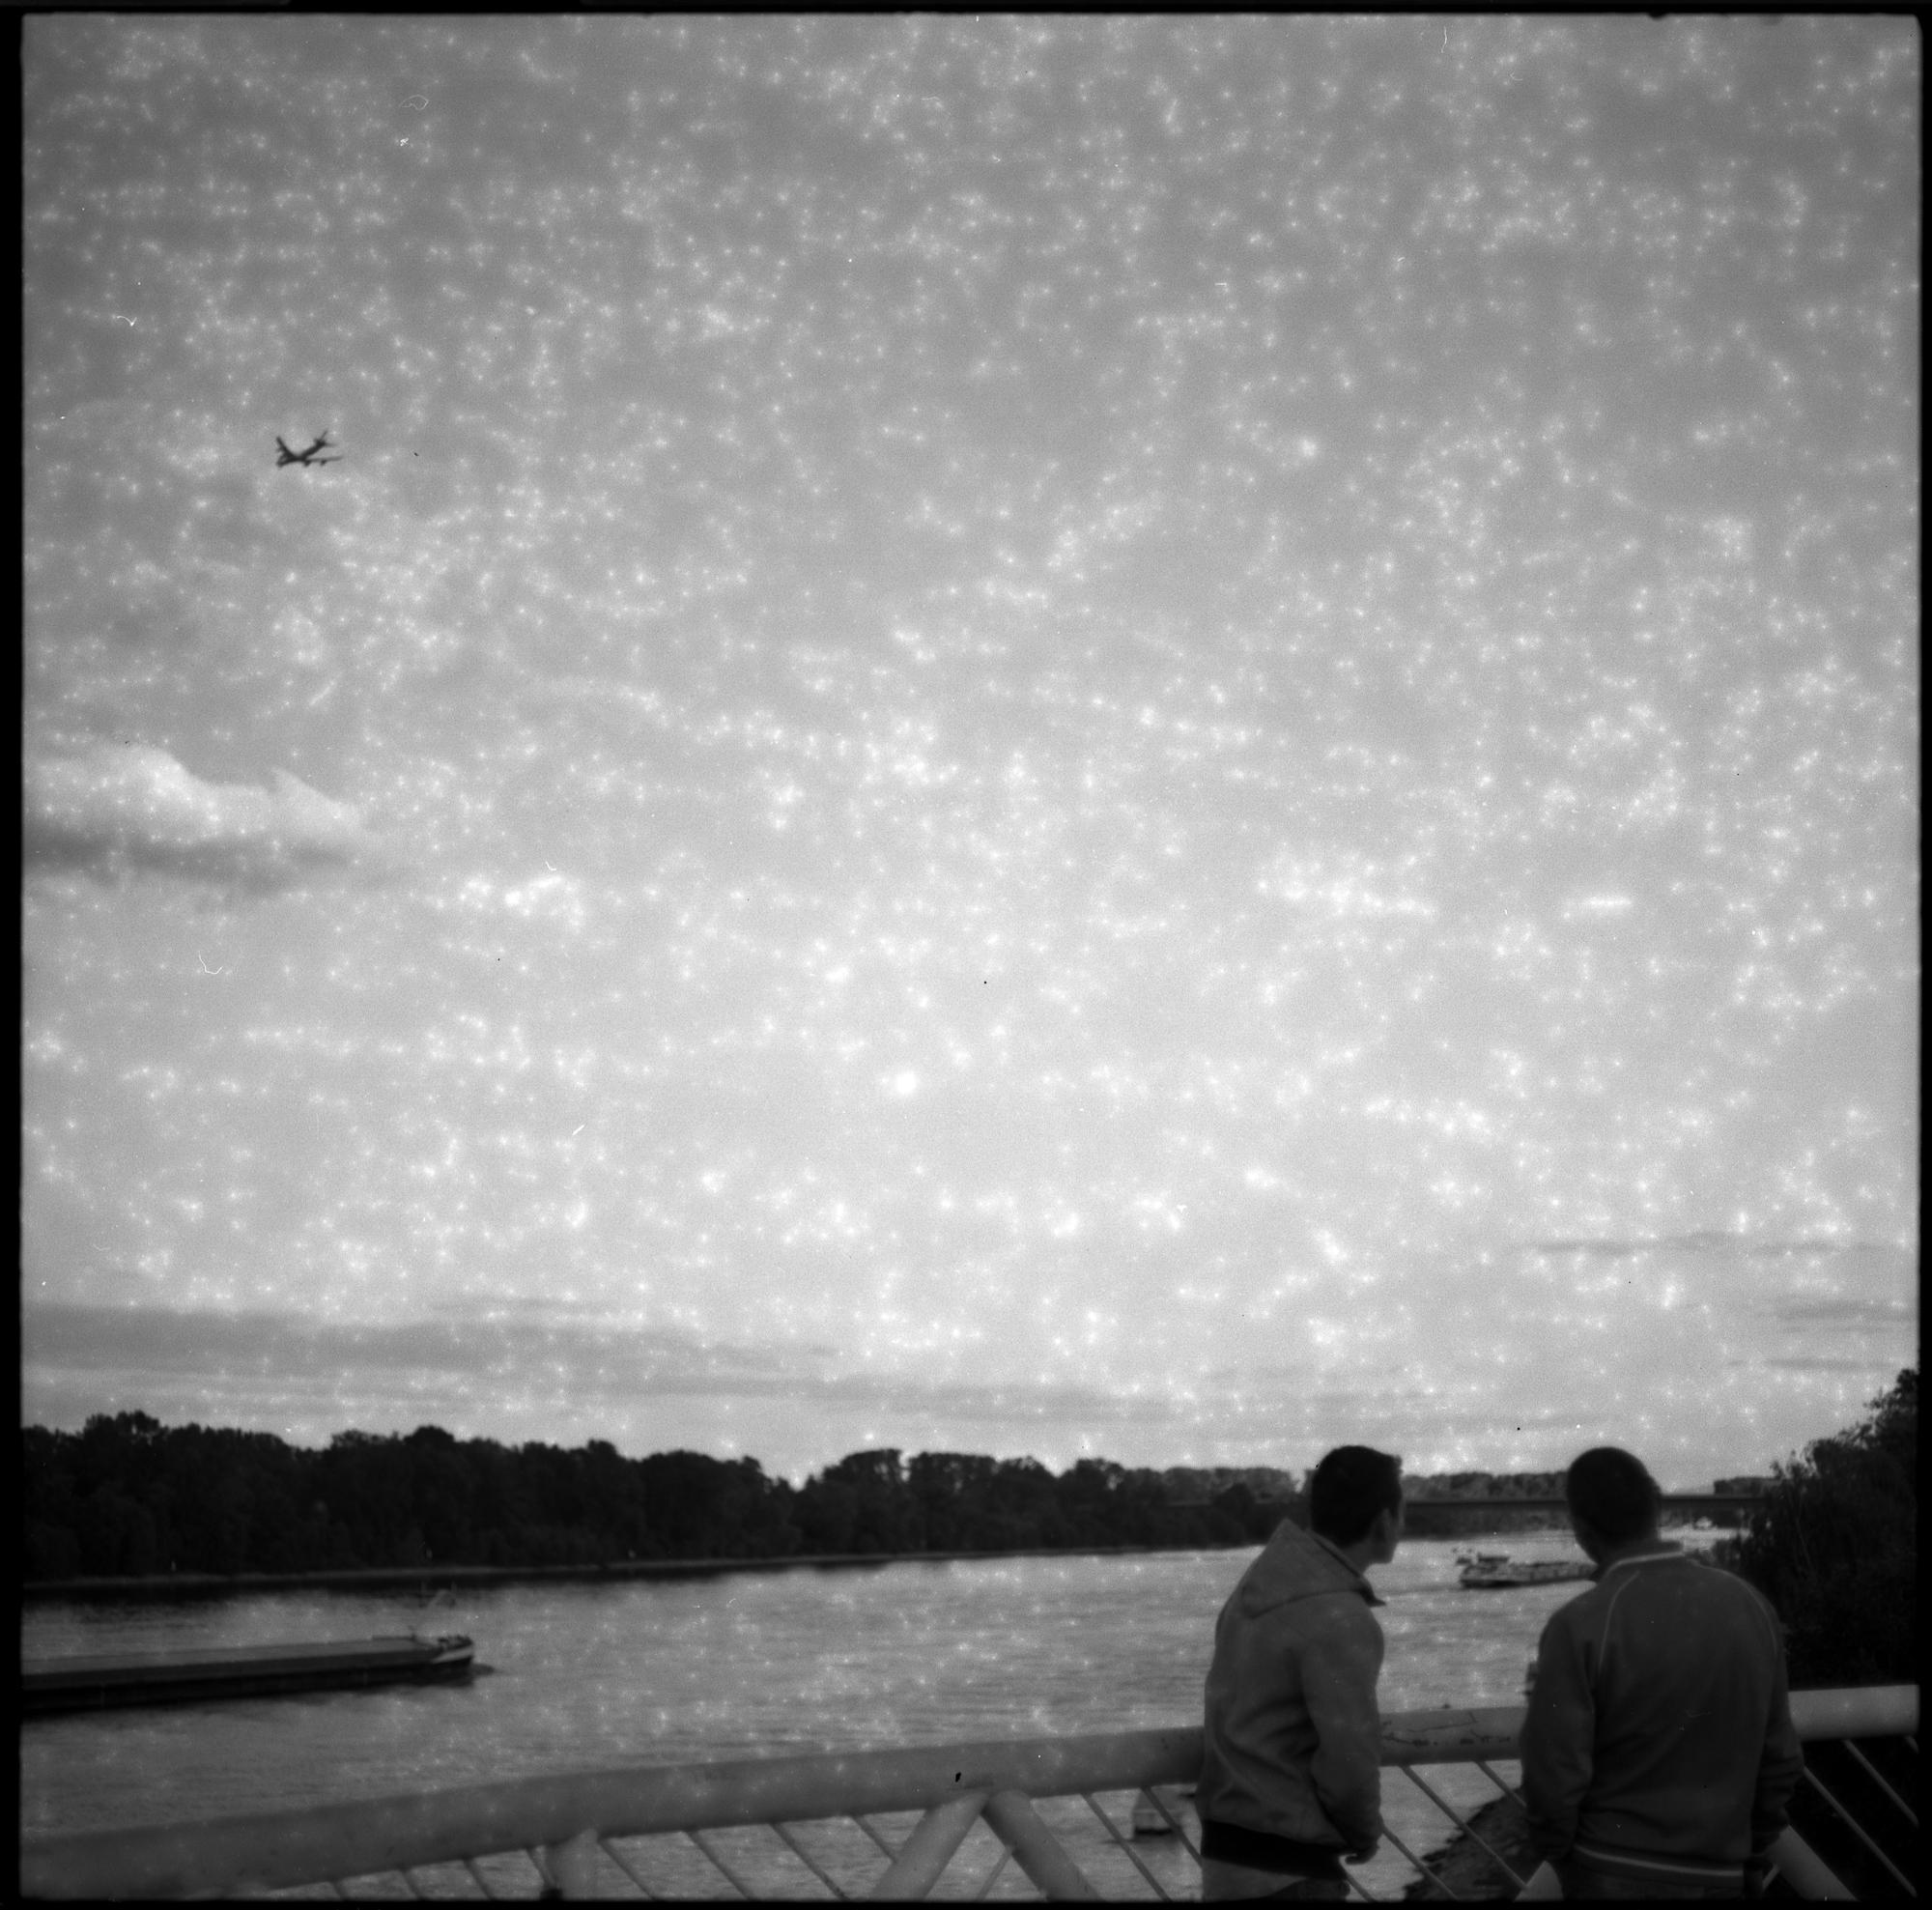 Aufnahme mit überlagertem Film